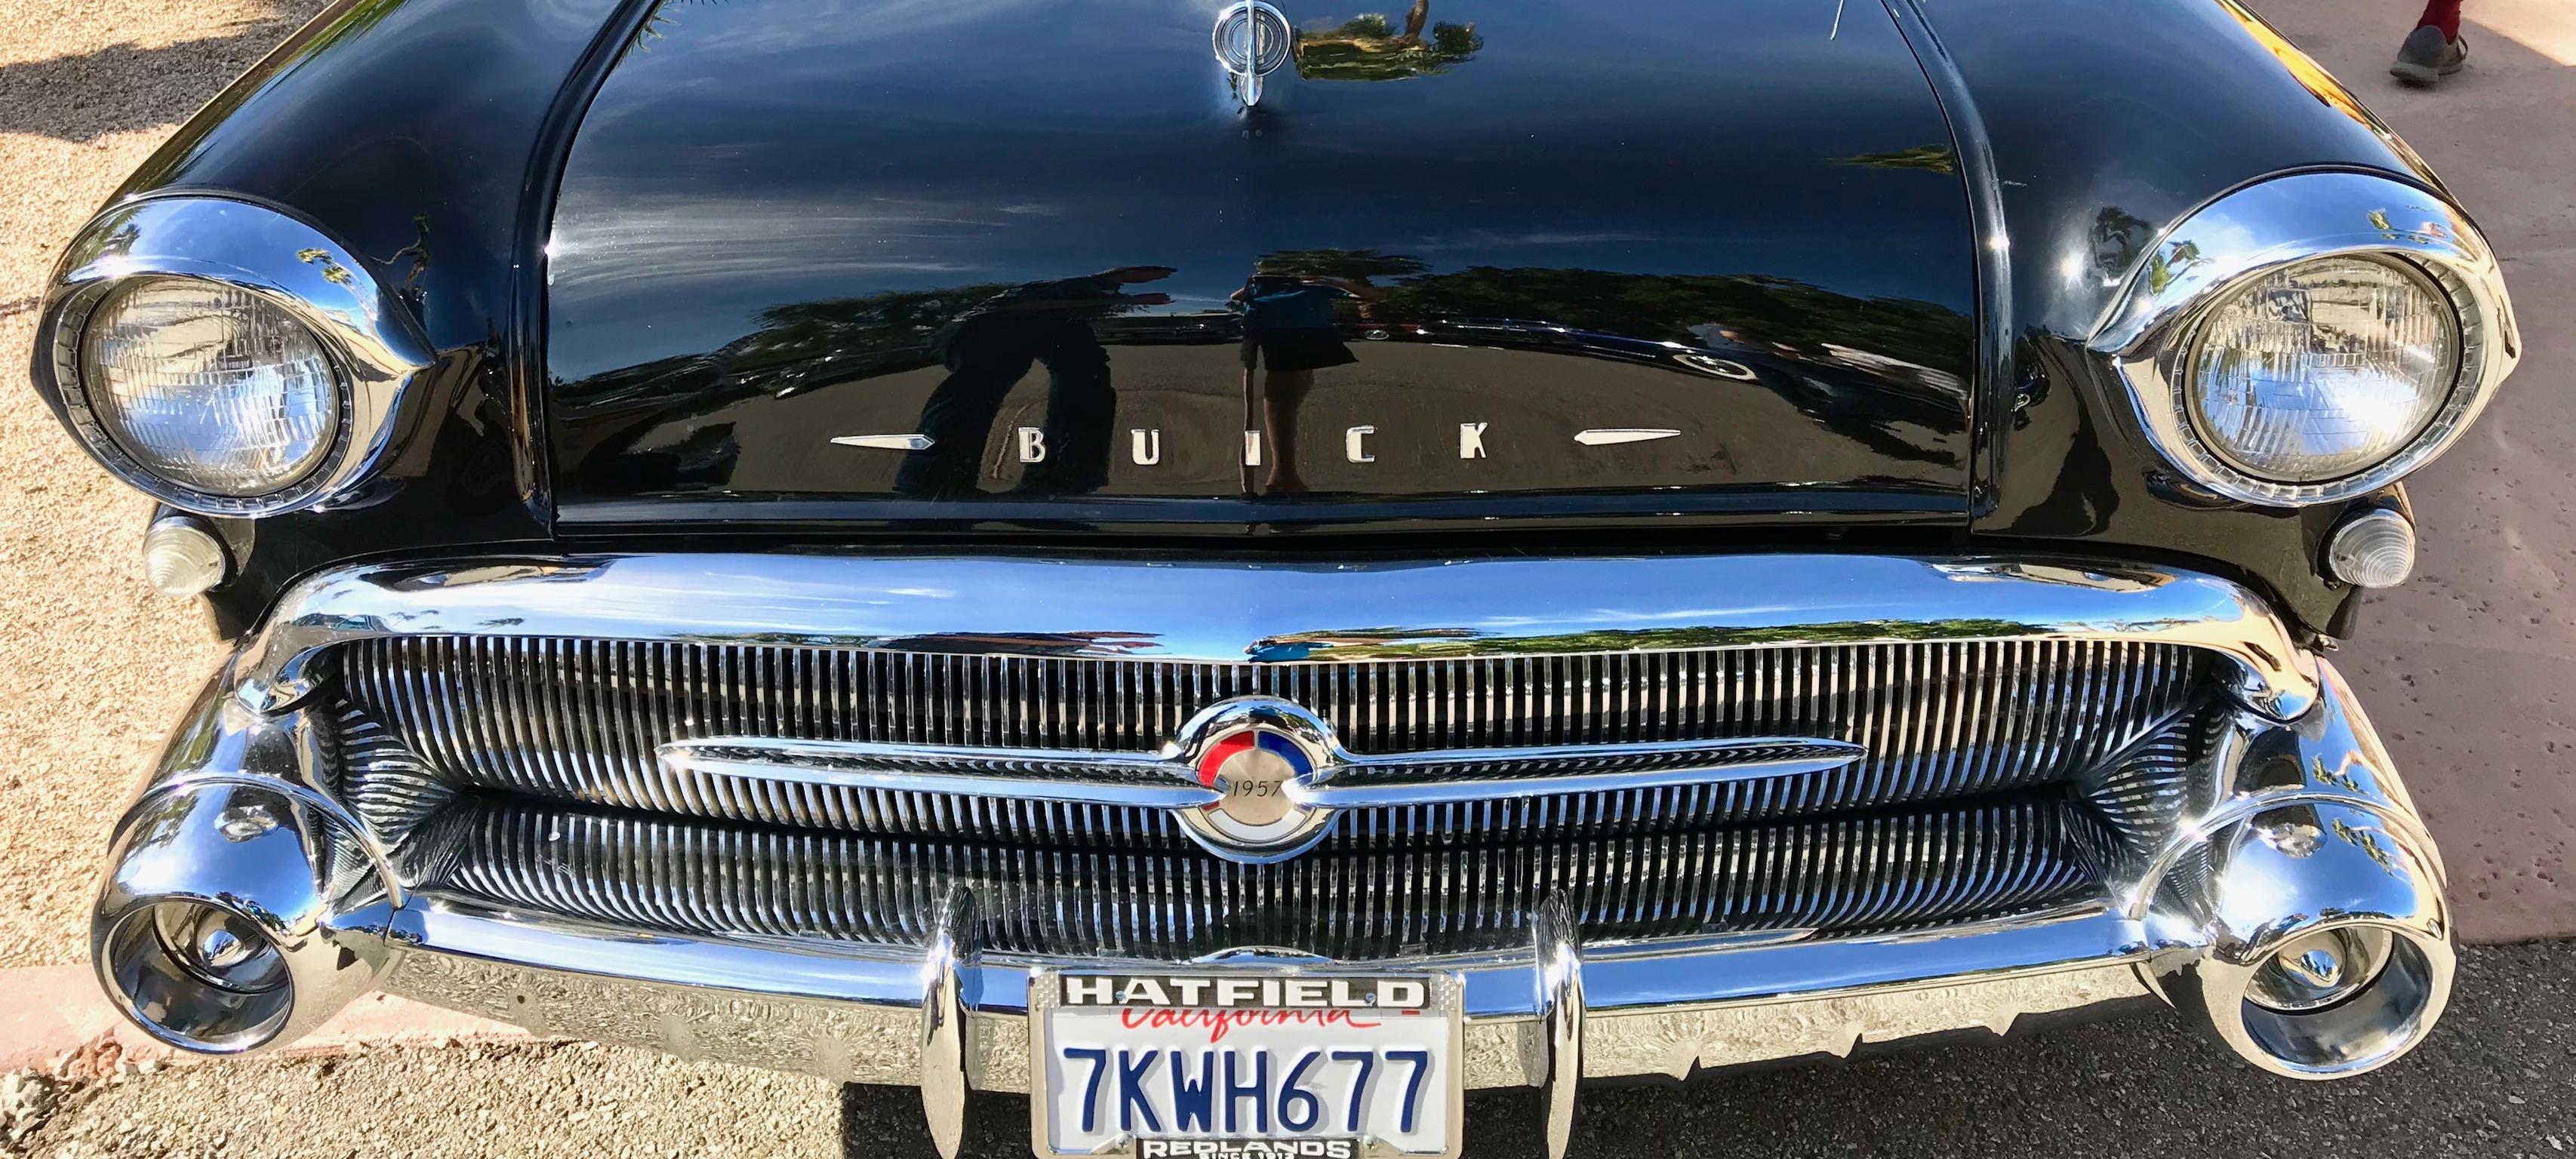 Buick - IMG_0252